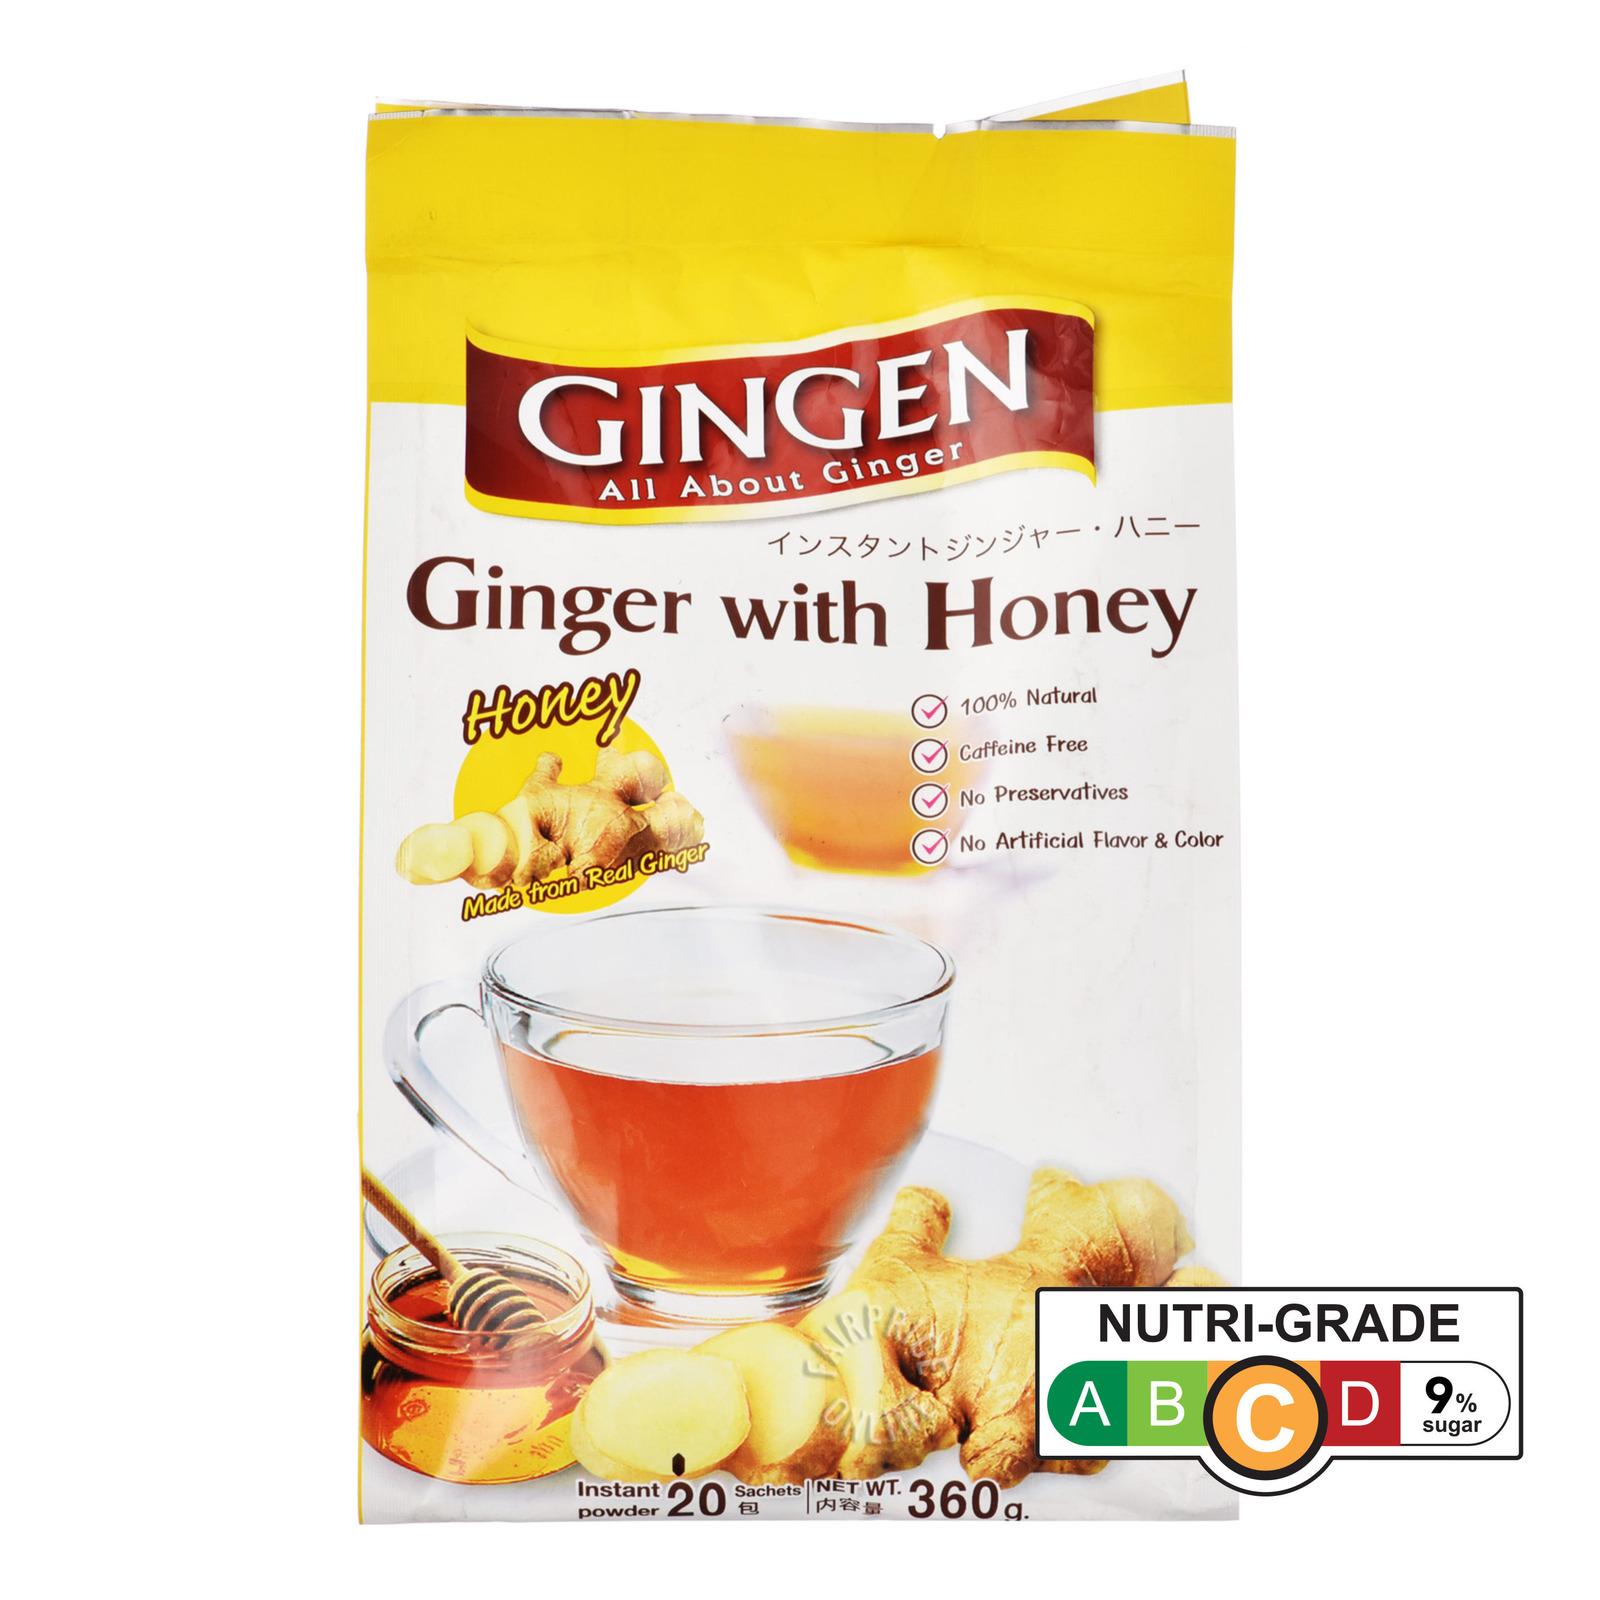 Gingen Instant Ginger Powder - Honey